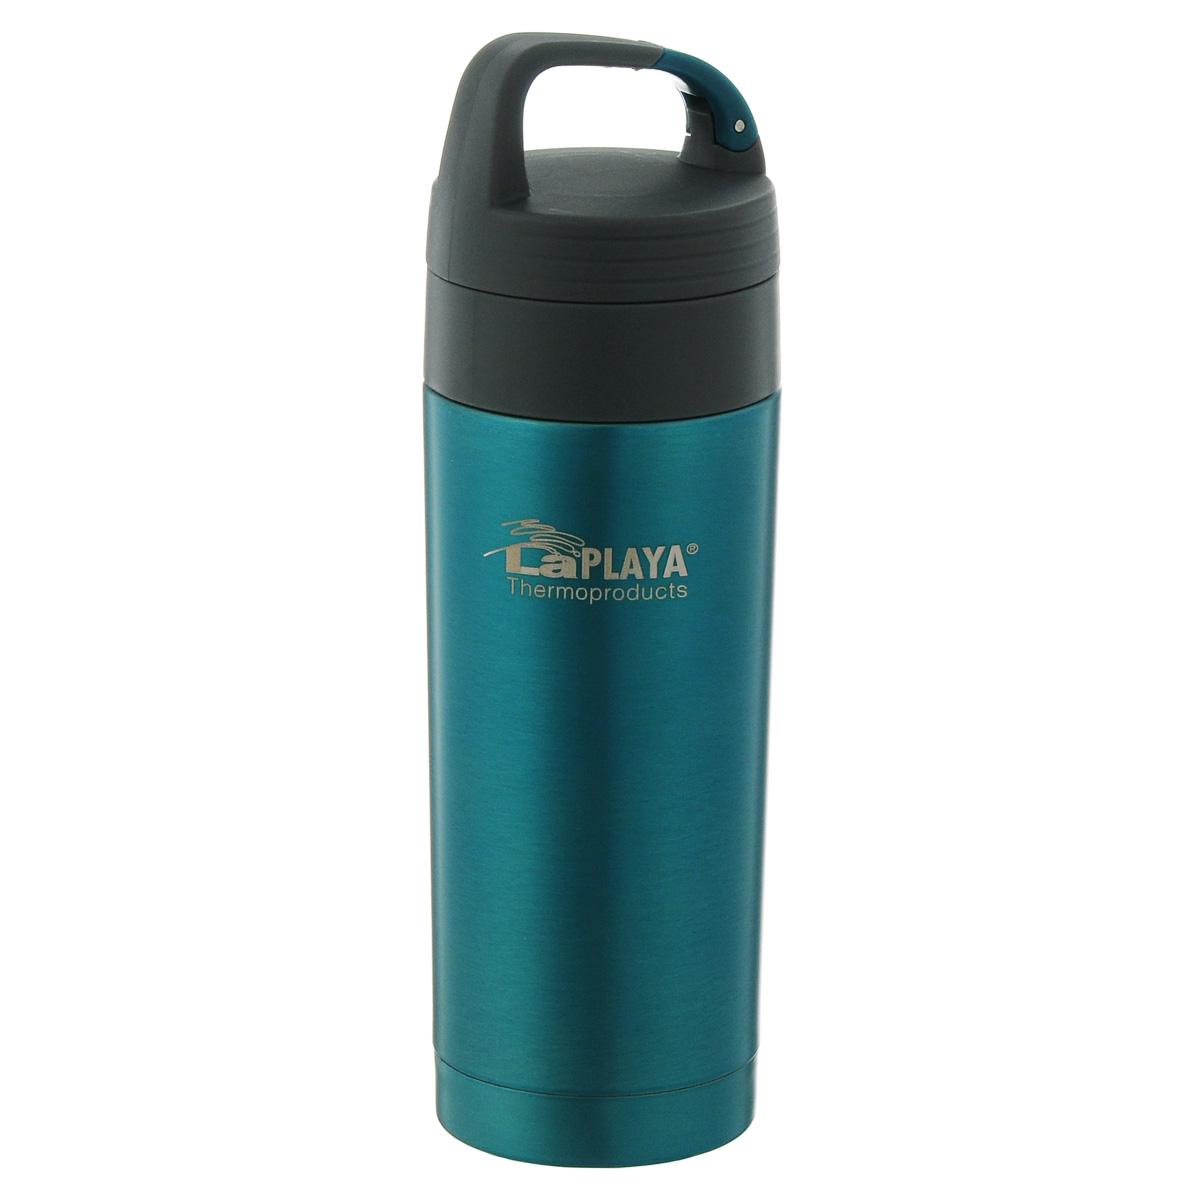 Кружка-термос LaPlaya Carabiner, цвет: голубой, 350 мл115610Кружка-термос LaPlaya Carabiner, изготовленная из высококачественной нержавеющей стали серии Carabiner, очень проста и удобна в использовании. Кружка-термос с двух стеночной вакуумной изоляцией, предназначена для хранения горячих и холодных напитков (чая, кофе), сохраняет их температуру до 6 часов горячими и до 12 часов холодными. Идеально подойдет для прохладительных напитков. Изделие оснащено герметичной и гигиеничной вакуумной крышкой с карабином. Термокружку удобно размещать в большинстве автомобильных держателей для стаканов. При открывании стопор предотвращает расплескивание напитков. Высота (с учетом крышки): 22 см.Диаметр горлышка: 5,5 см.